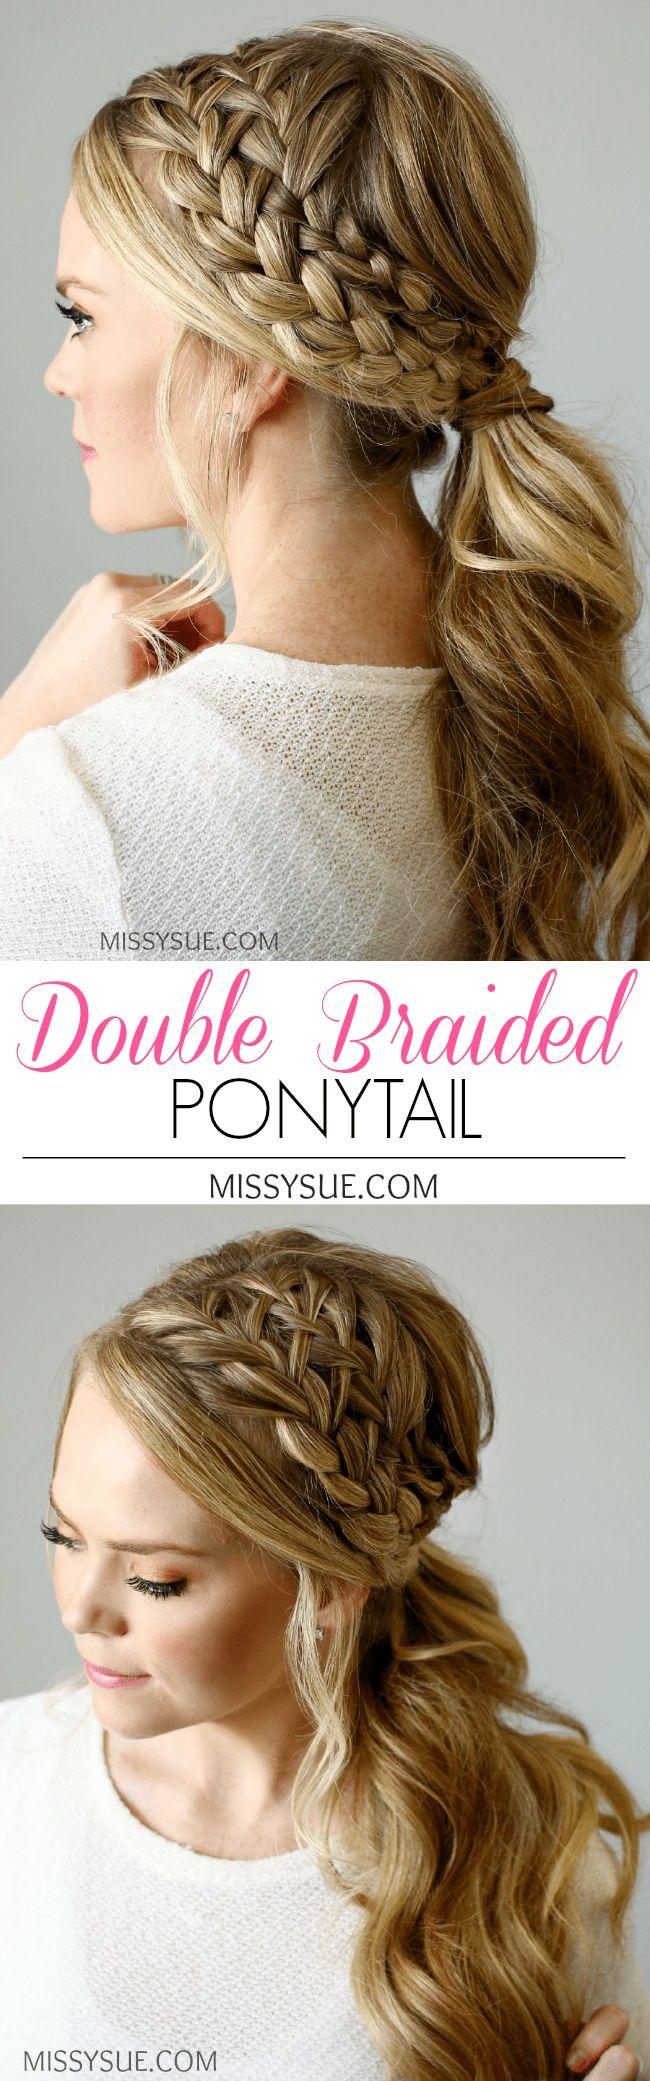 Best 25 Braids Ideas On Pinterest Plaits Hairstyles